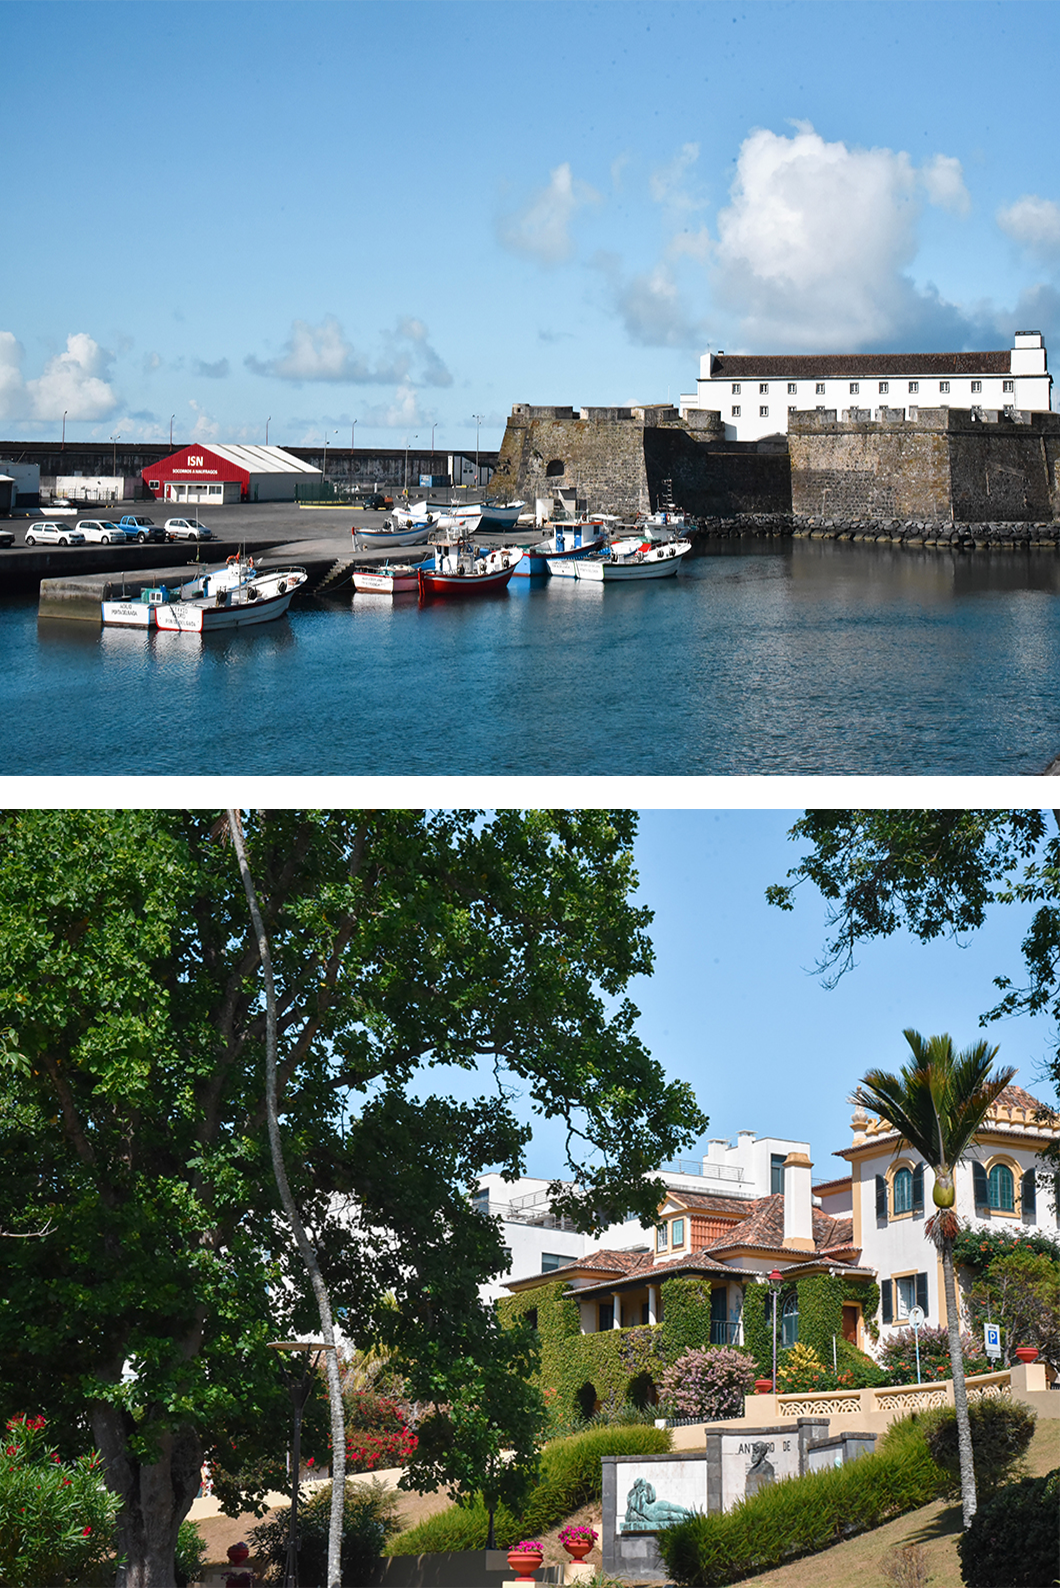 Visites incontournables à Ponta Delgada dans les Açores